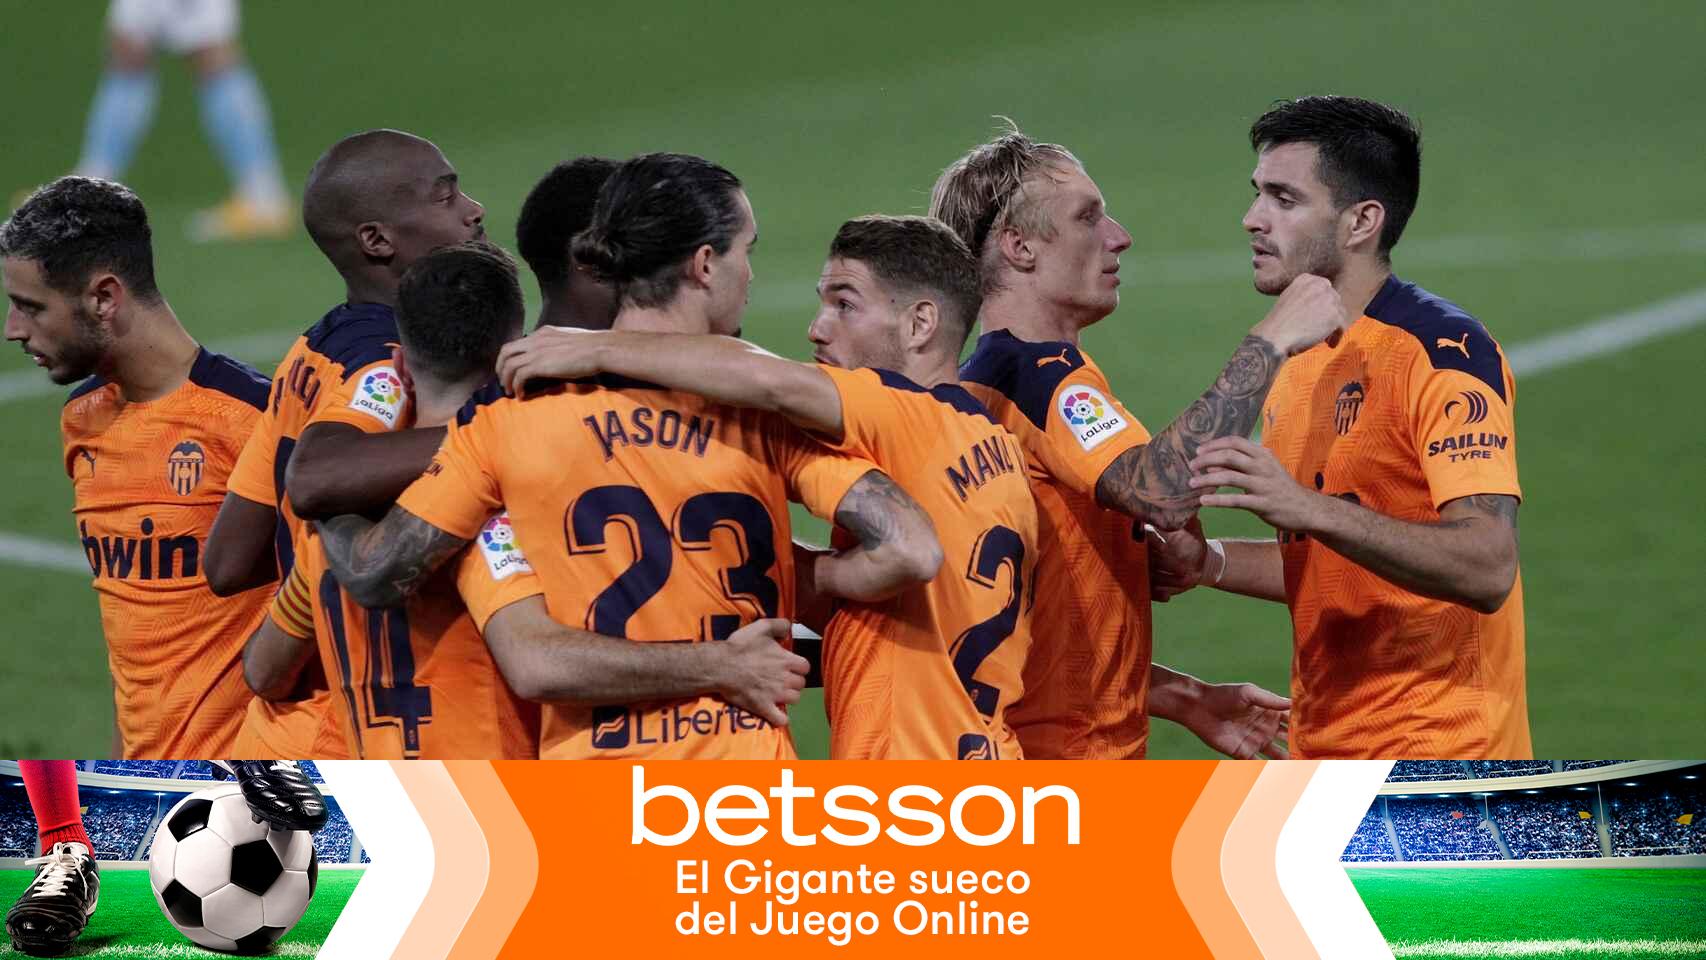 Gana 170 euros con el triunfo del Valencia ante el Huesca en La Liga